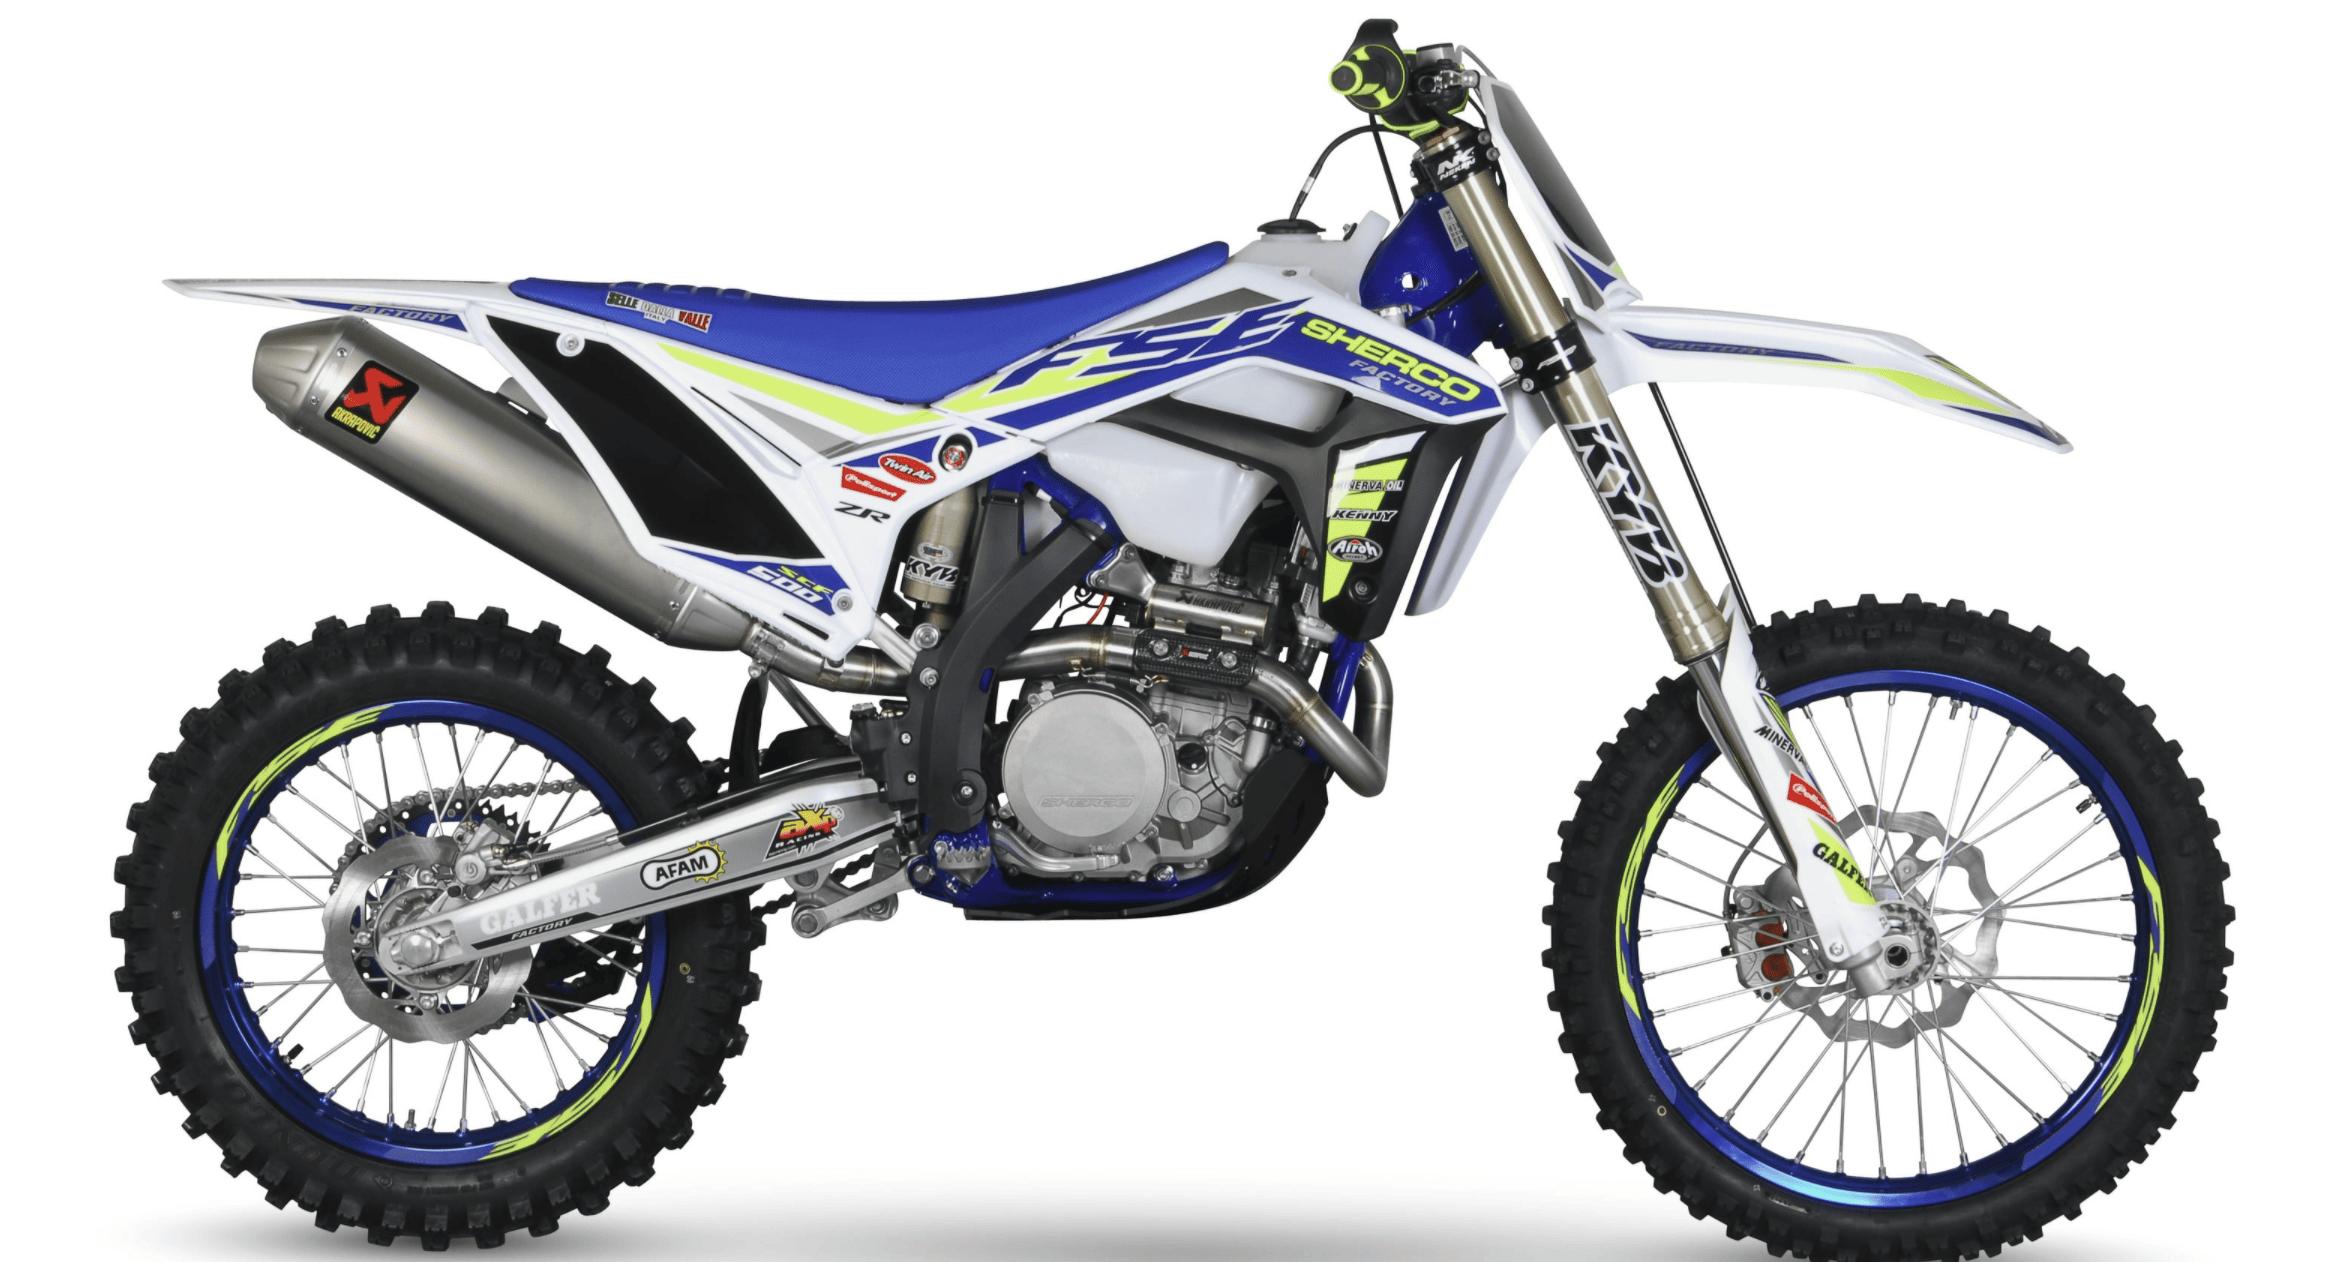 2020 Sherco dirt bike